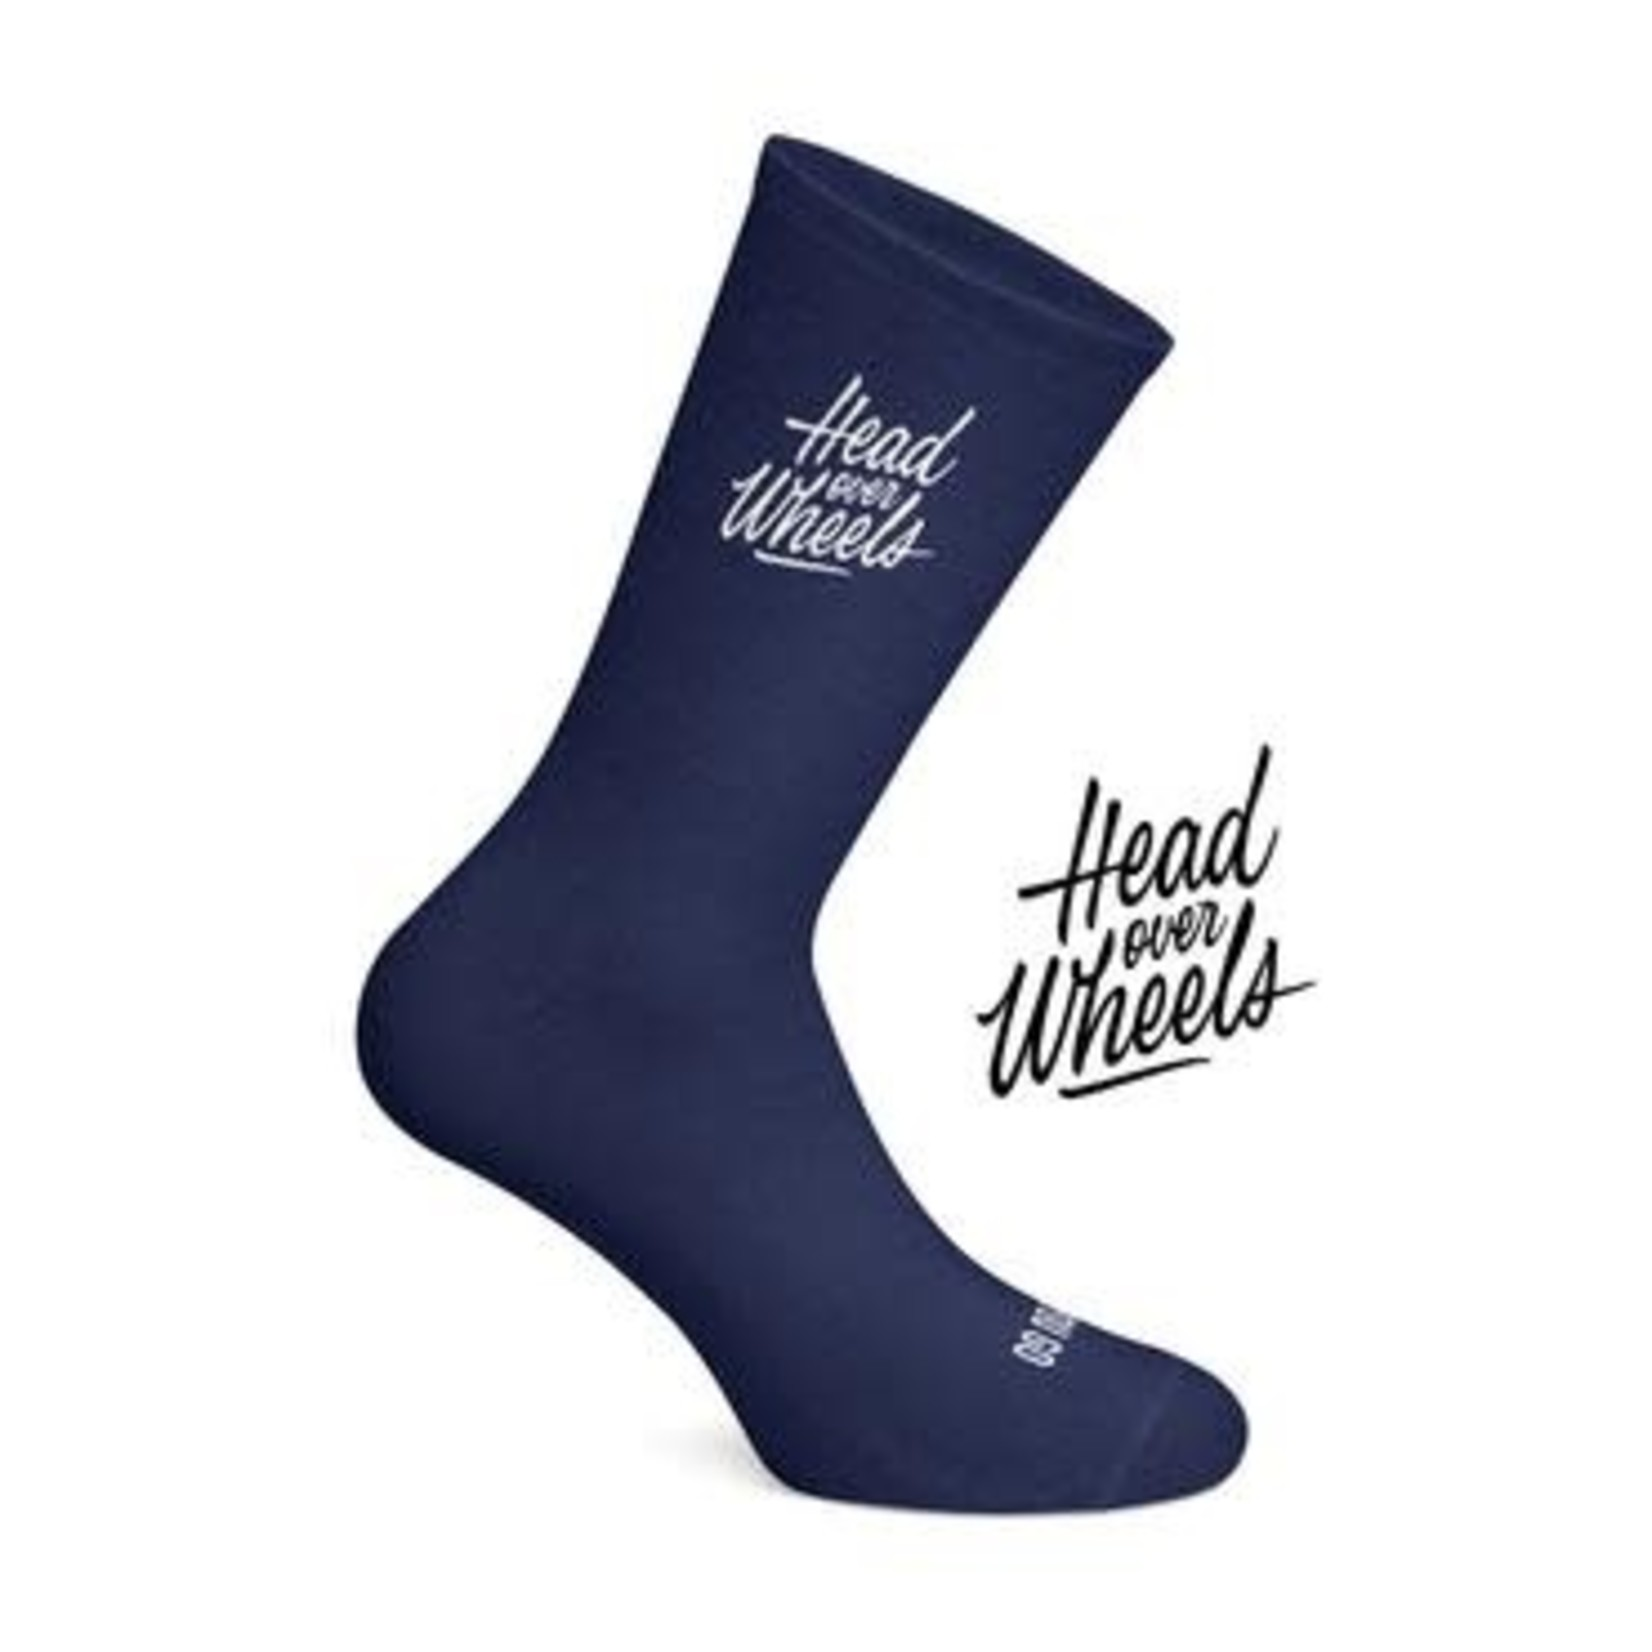 Sokken-'Head Over Wheels' blauw